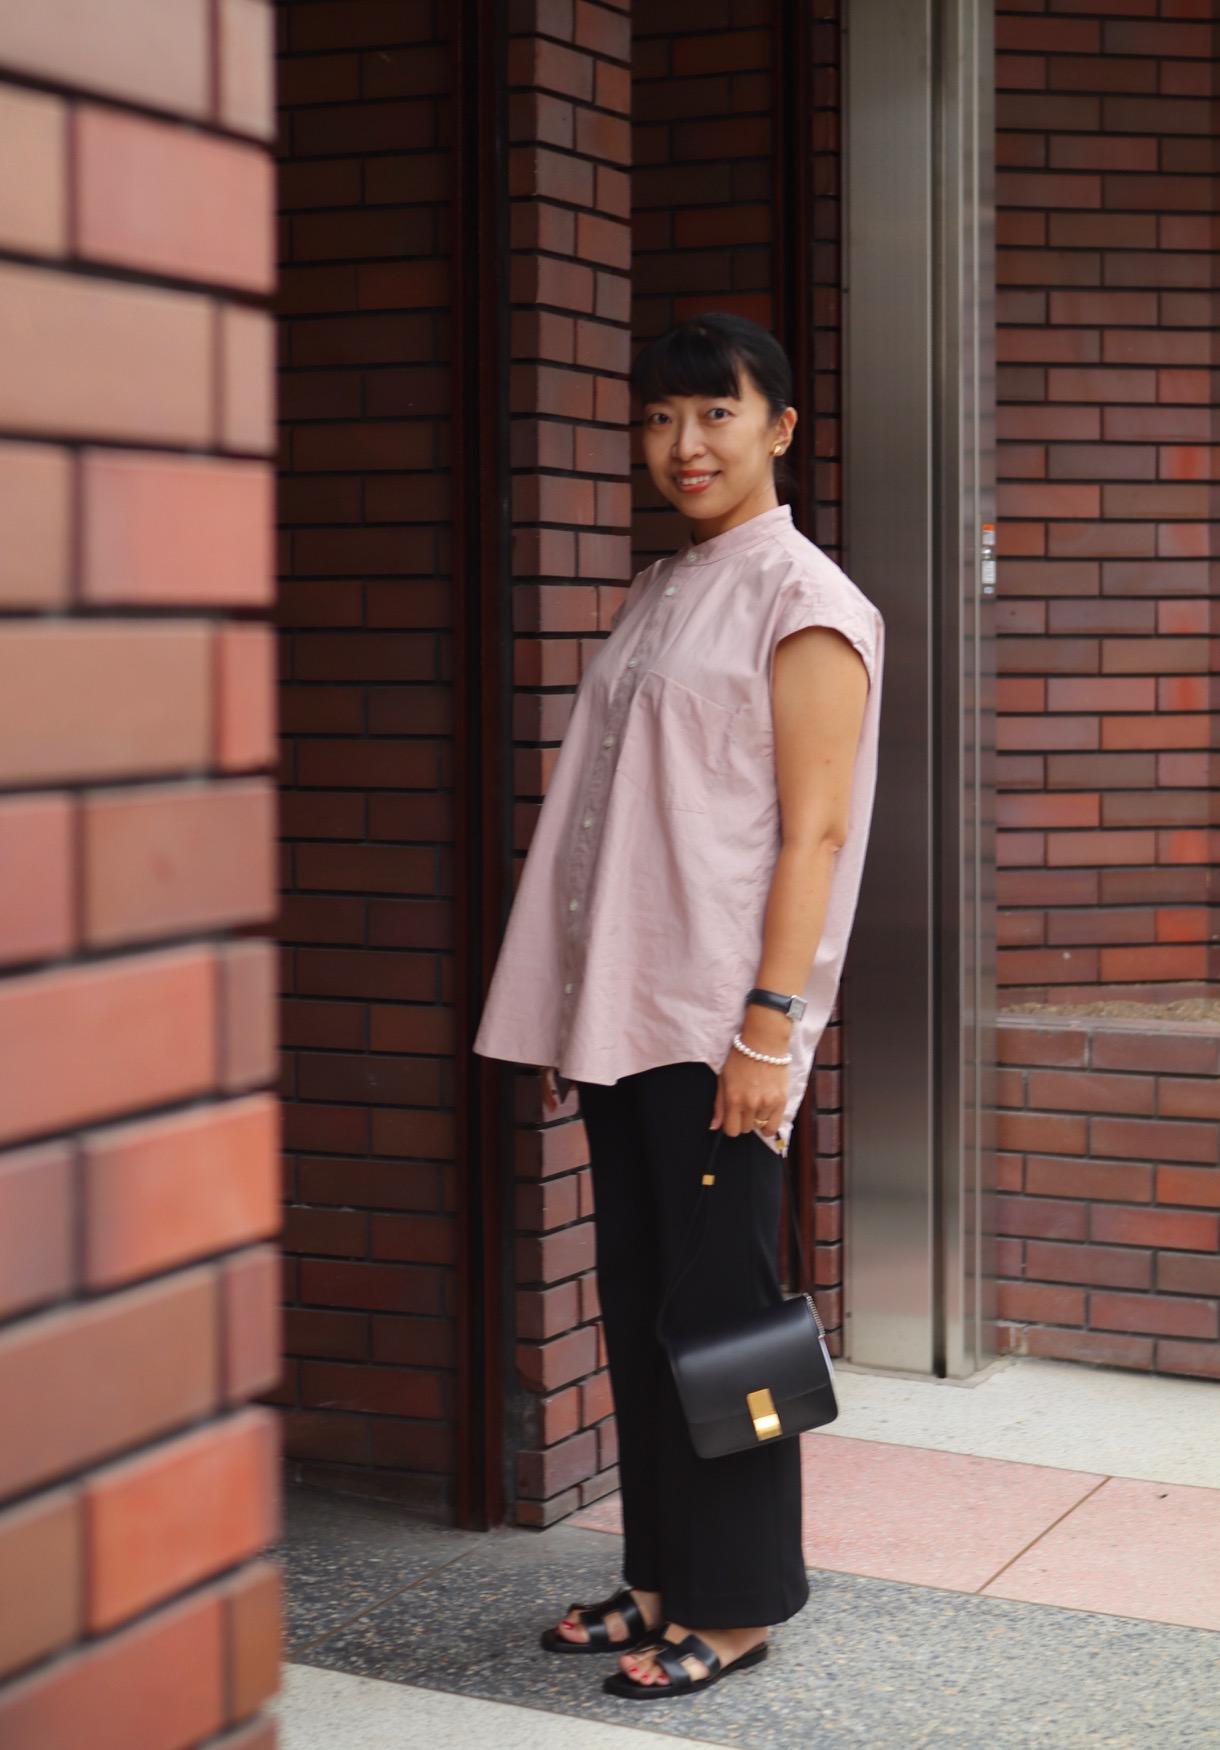 マタニティパンツを使わなない妊娠6か月のマタニティコーデ。ブラウス(シャツ)×黒のゴムパンツ2